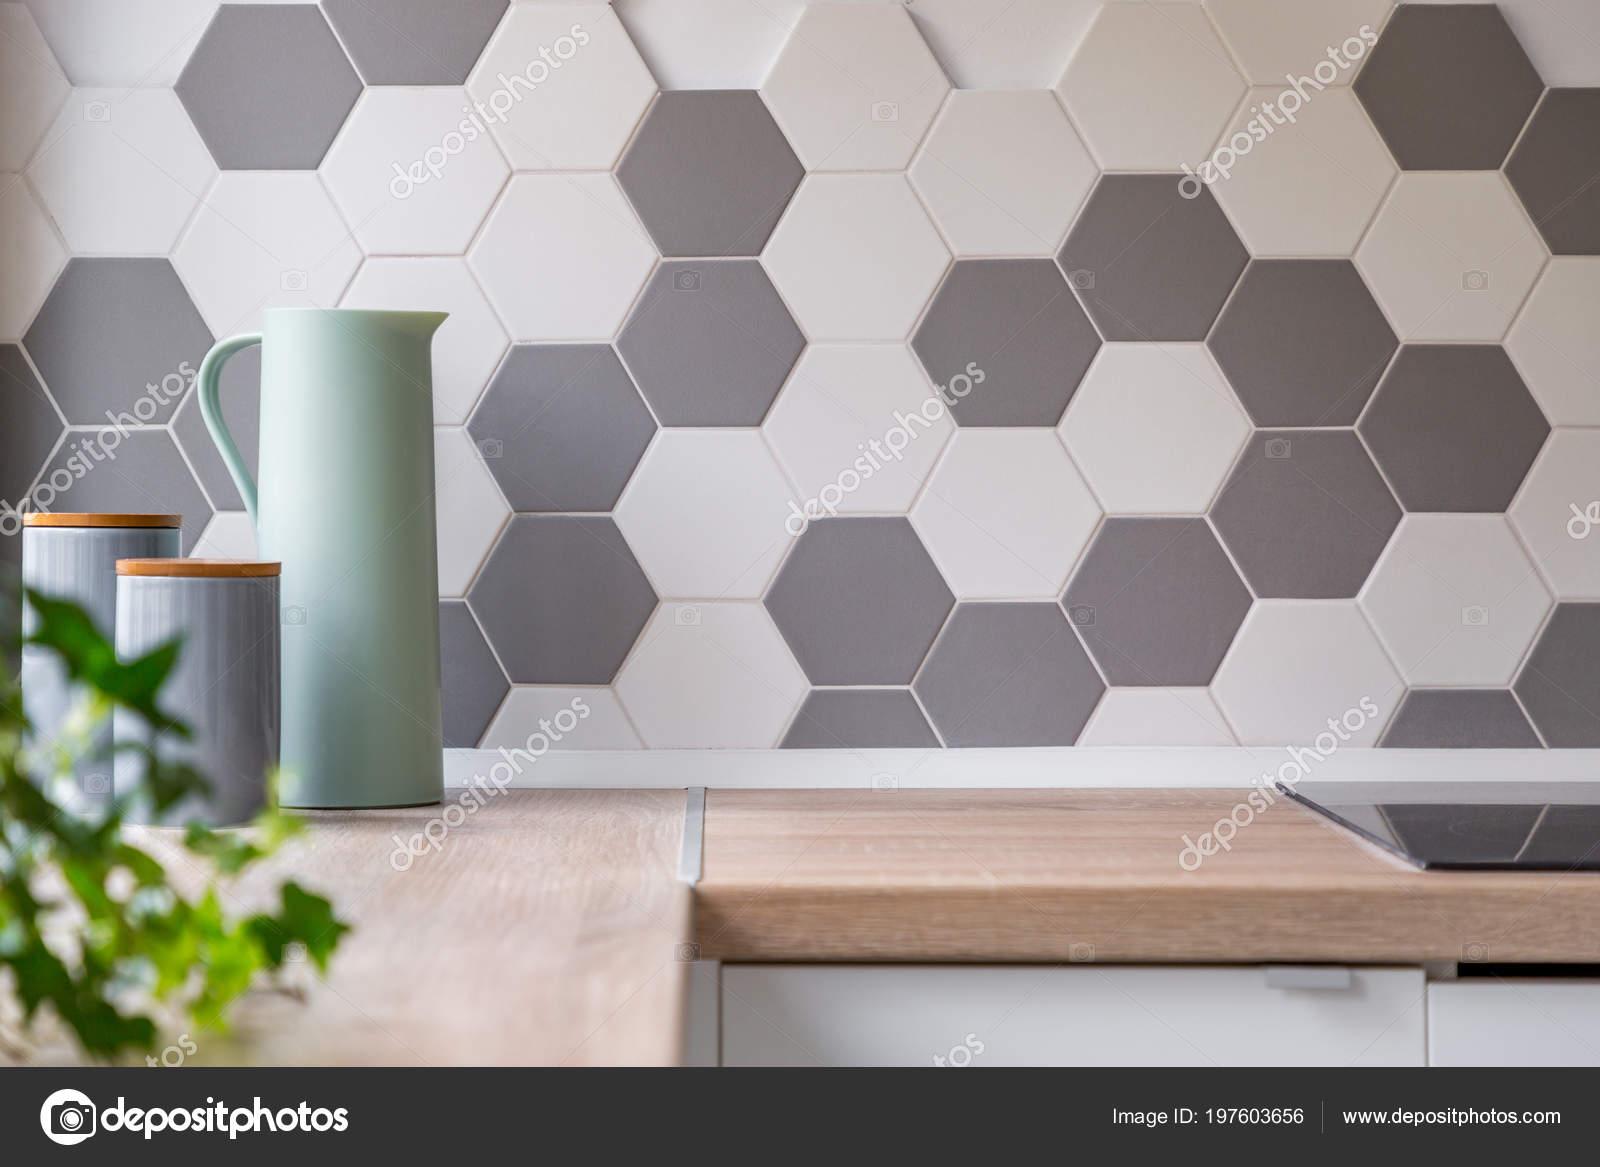 Tegels Keuken Honingraat : Keuken met grijze witte honingraat wandtegels houten aanrecht